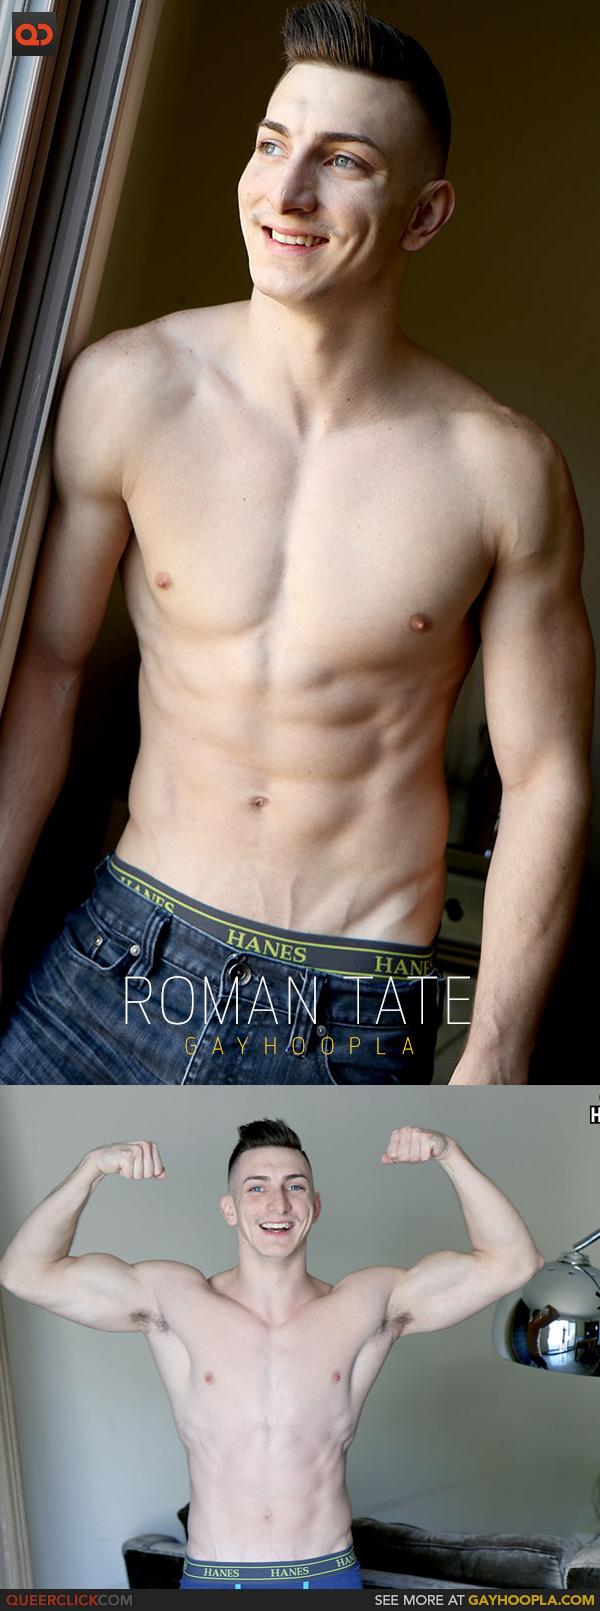 Gayhoopla: Roman Tate